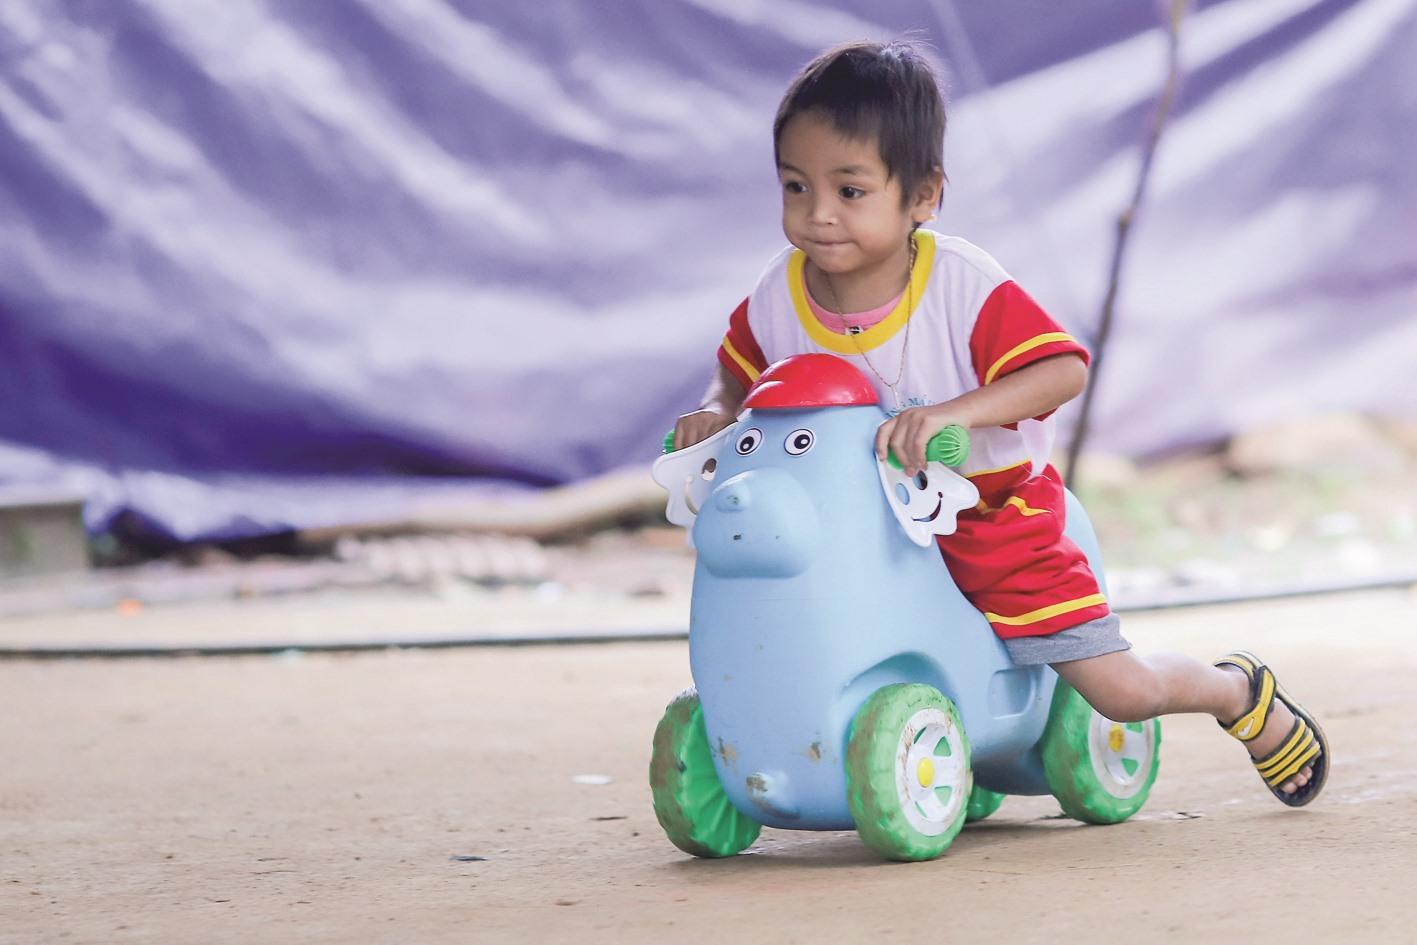 Em Hồ Quang Minh Hoài, 4 tuổi, chơi trong khu vực sân trường mầm non ở nóc ông Đề. Trong thảm họa sạt lở núi, mẹ và em của Hoài đều gặp bất hạnh.